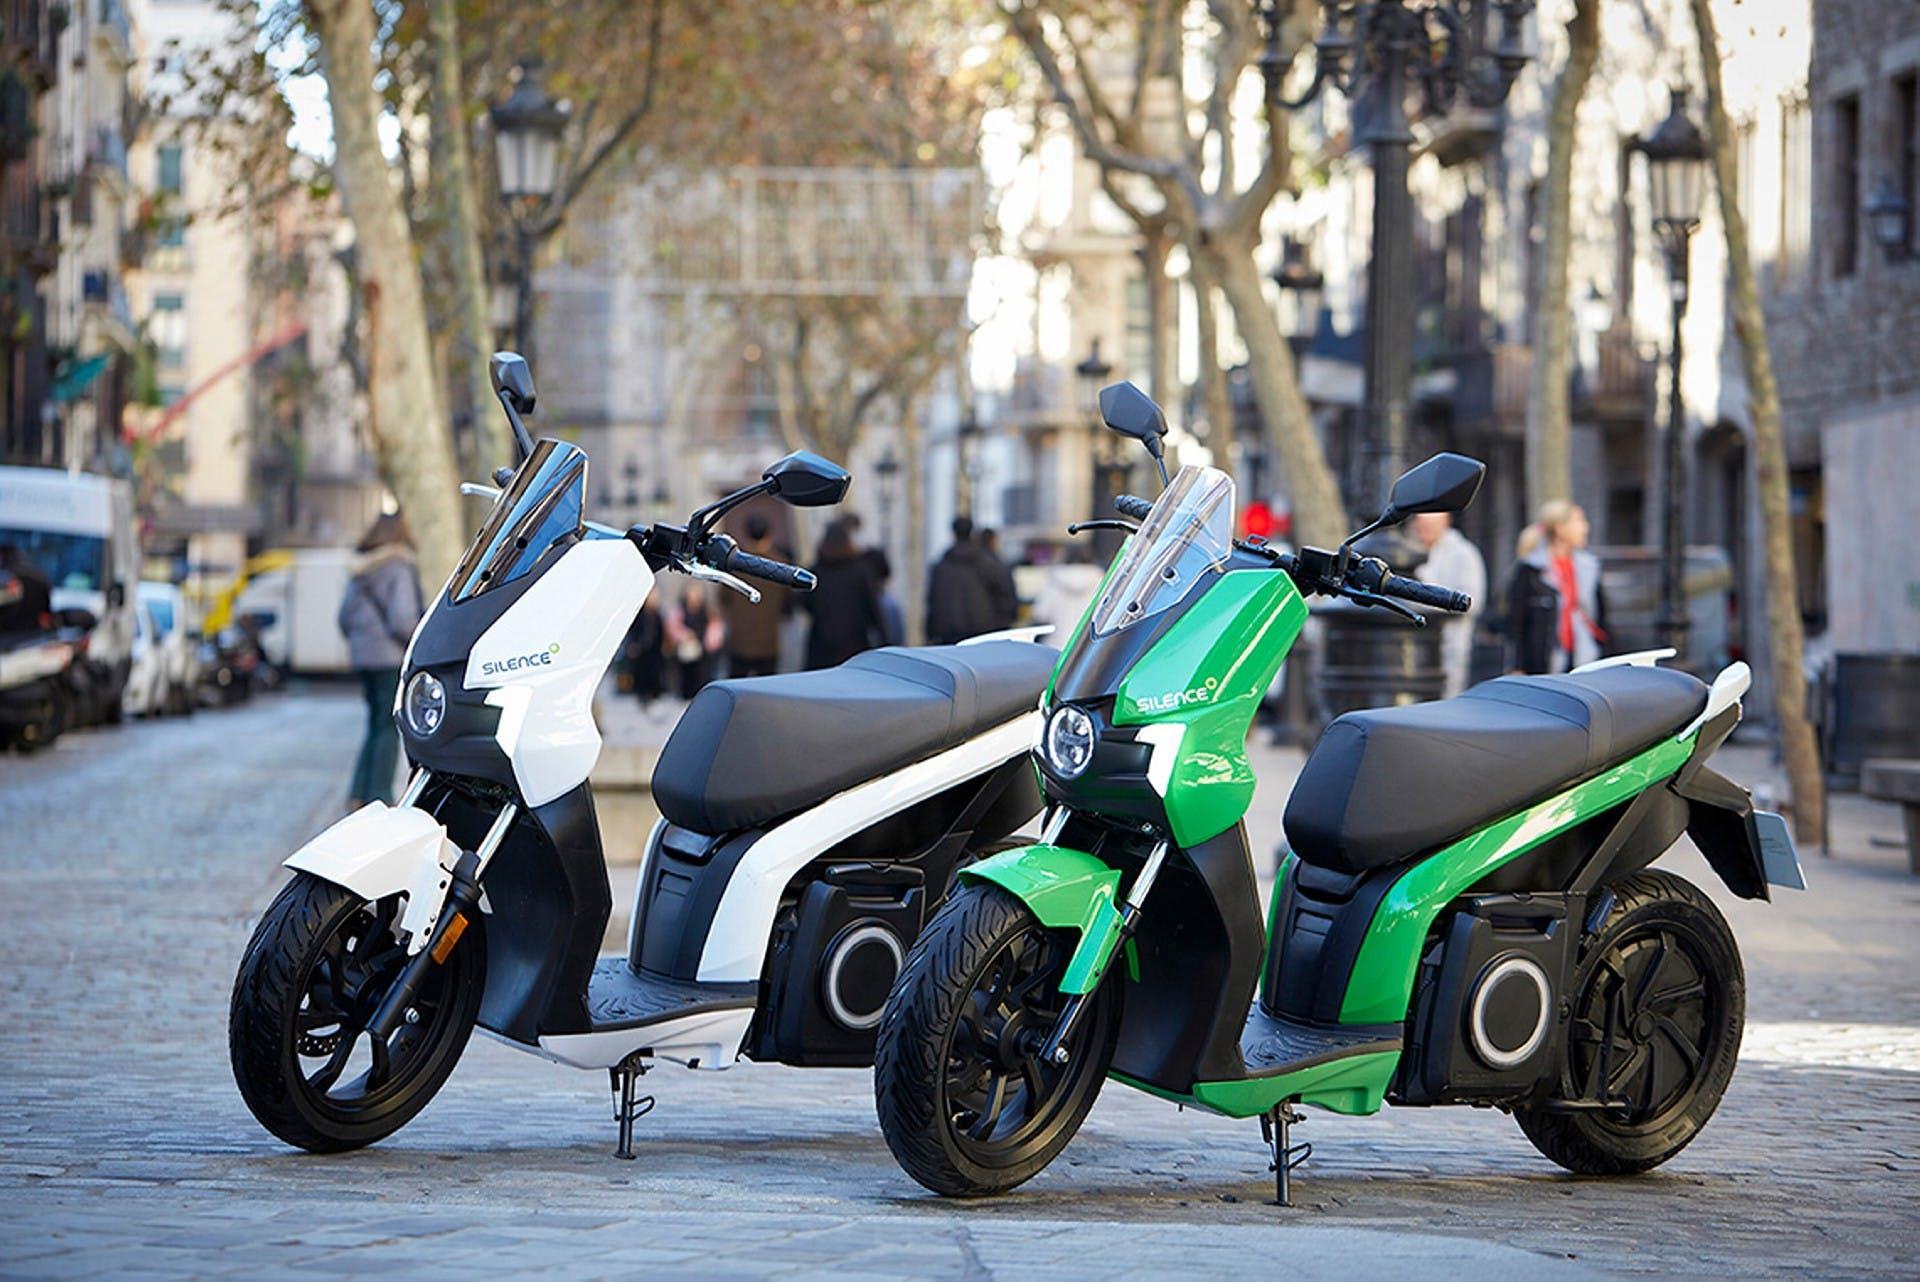 Scooter elettrico Silence S01, vista laterale statica in città, due modelli bianco e verde